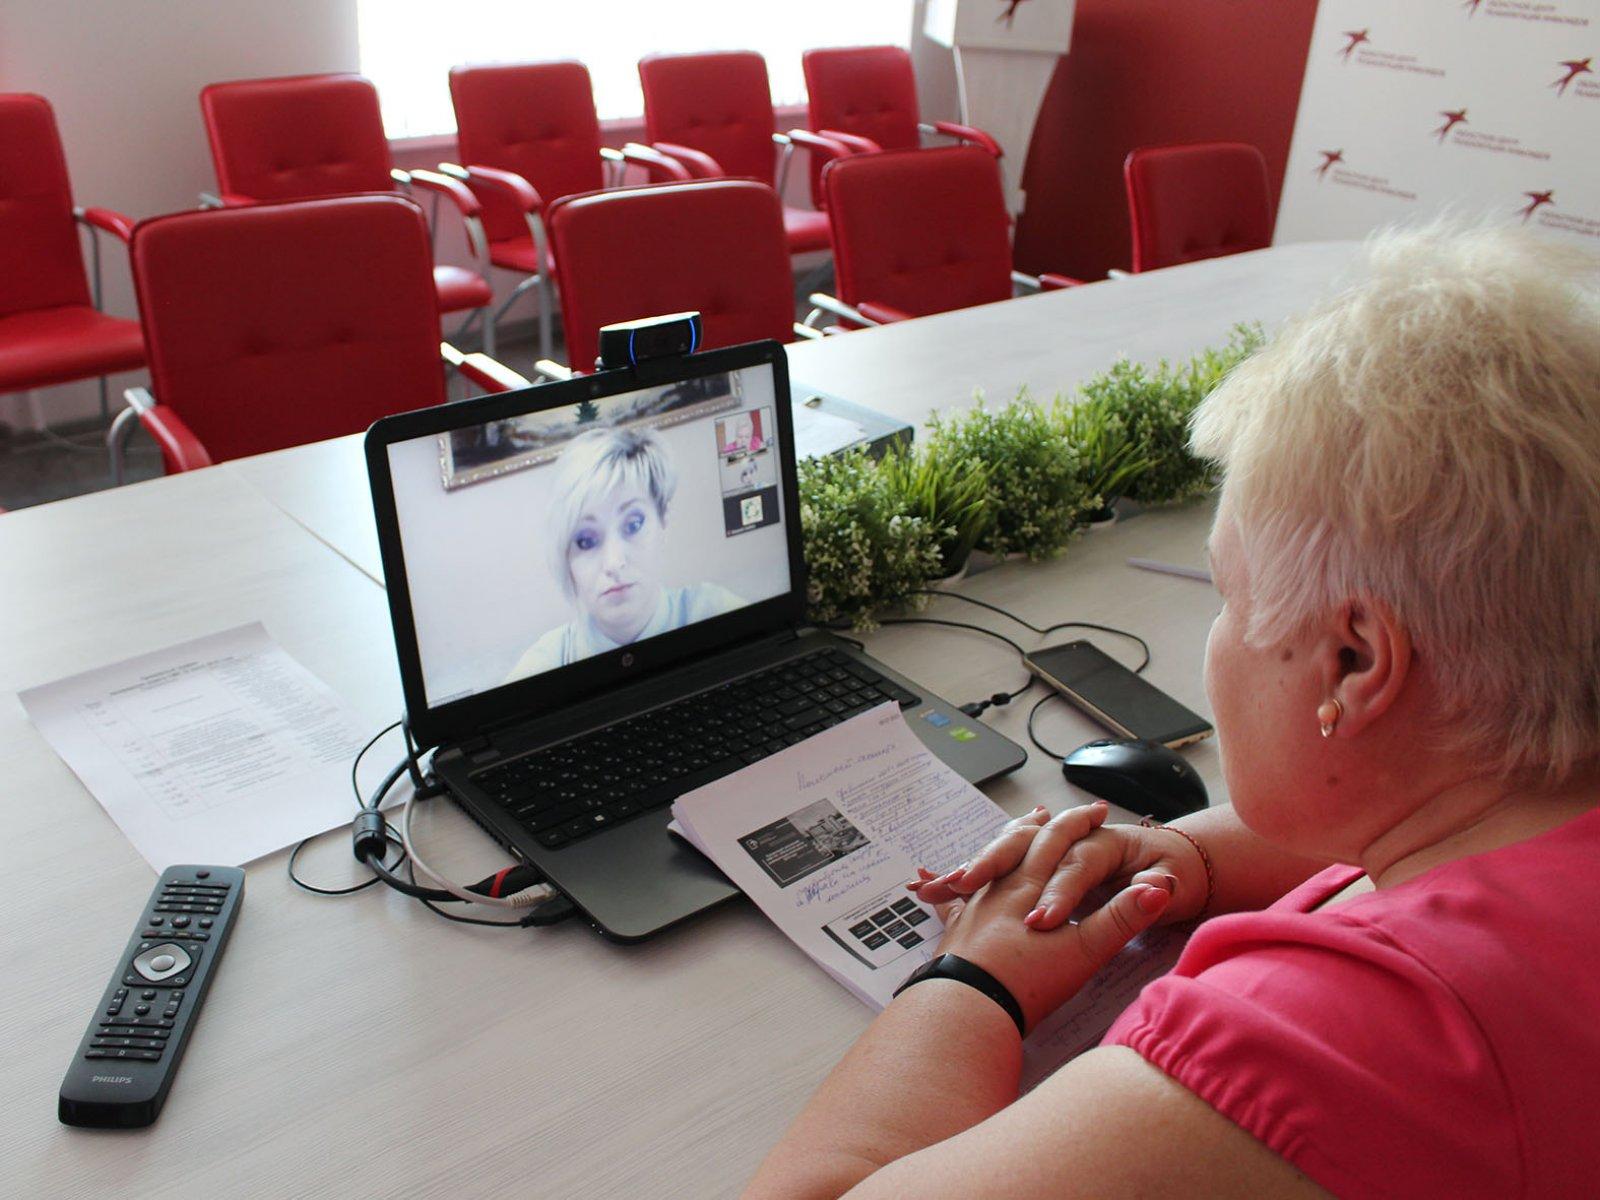 Впервые в Областном центре реабилитации инвалидов сертификационный аудит СМК прошел в онлайн режиме